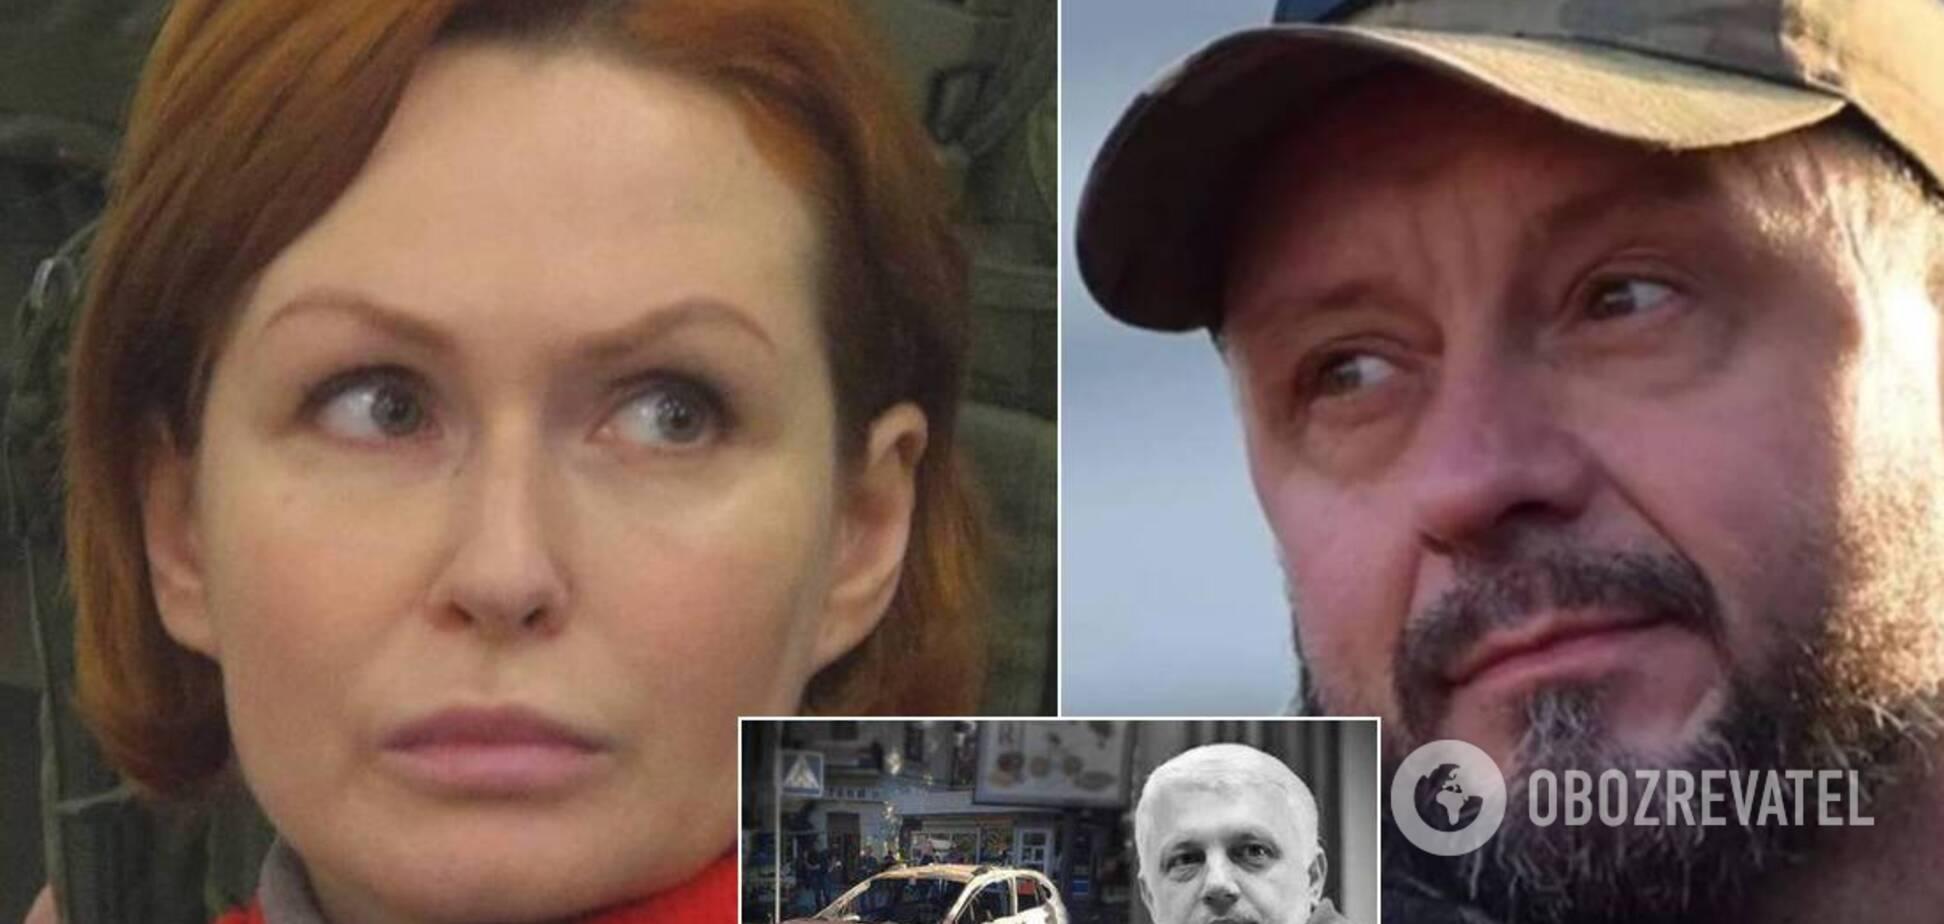 Юлія Кузьменко і Андрій Антоненко